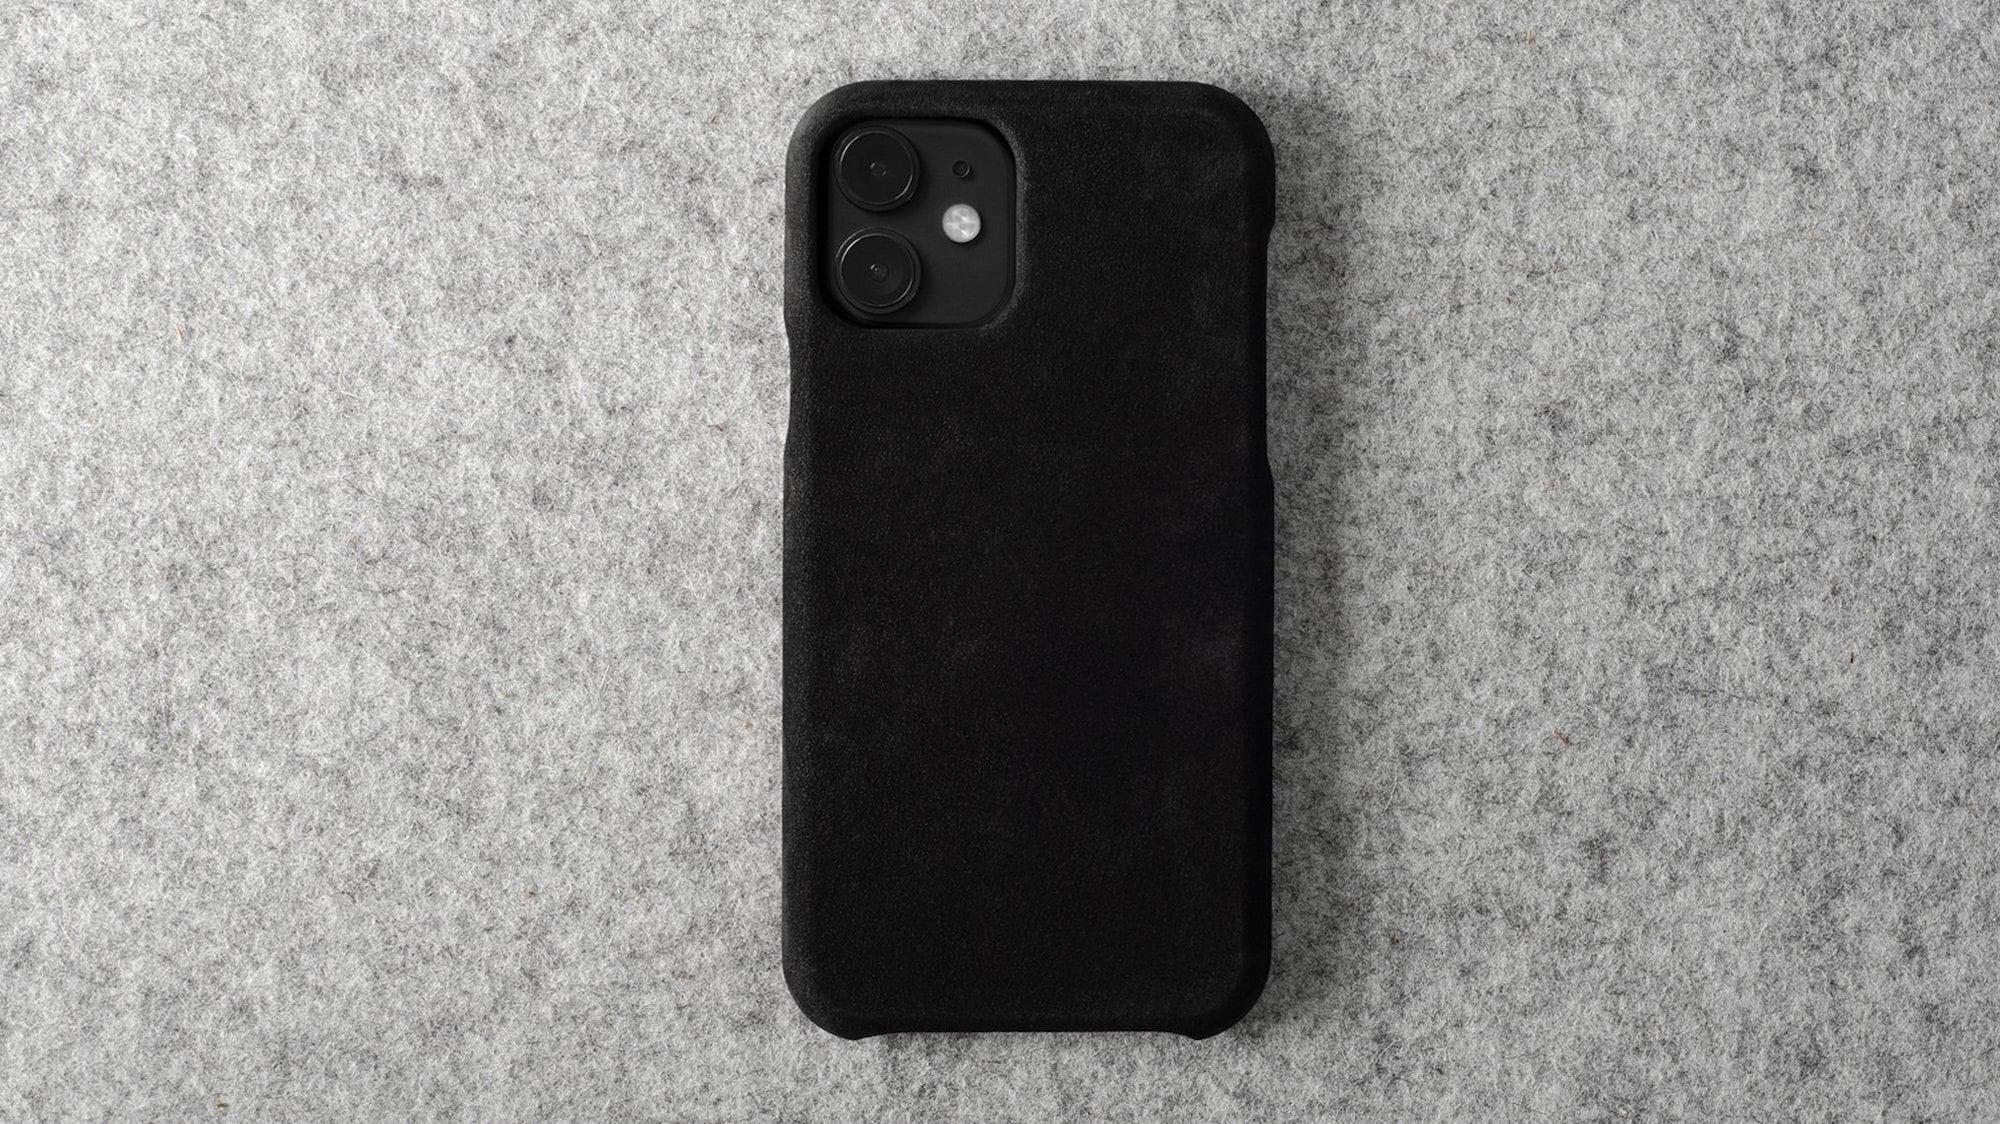 hardgraft Dusty Phone Cover Nubuck iPhone Case